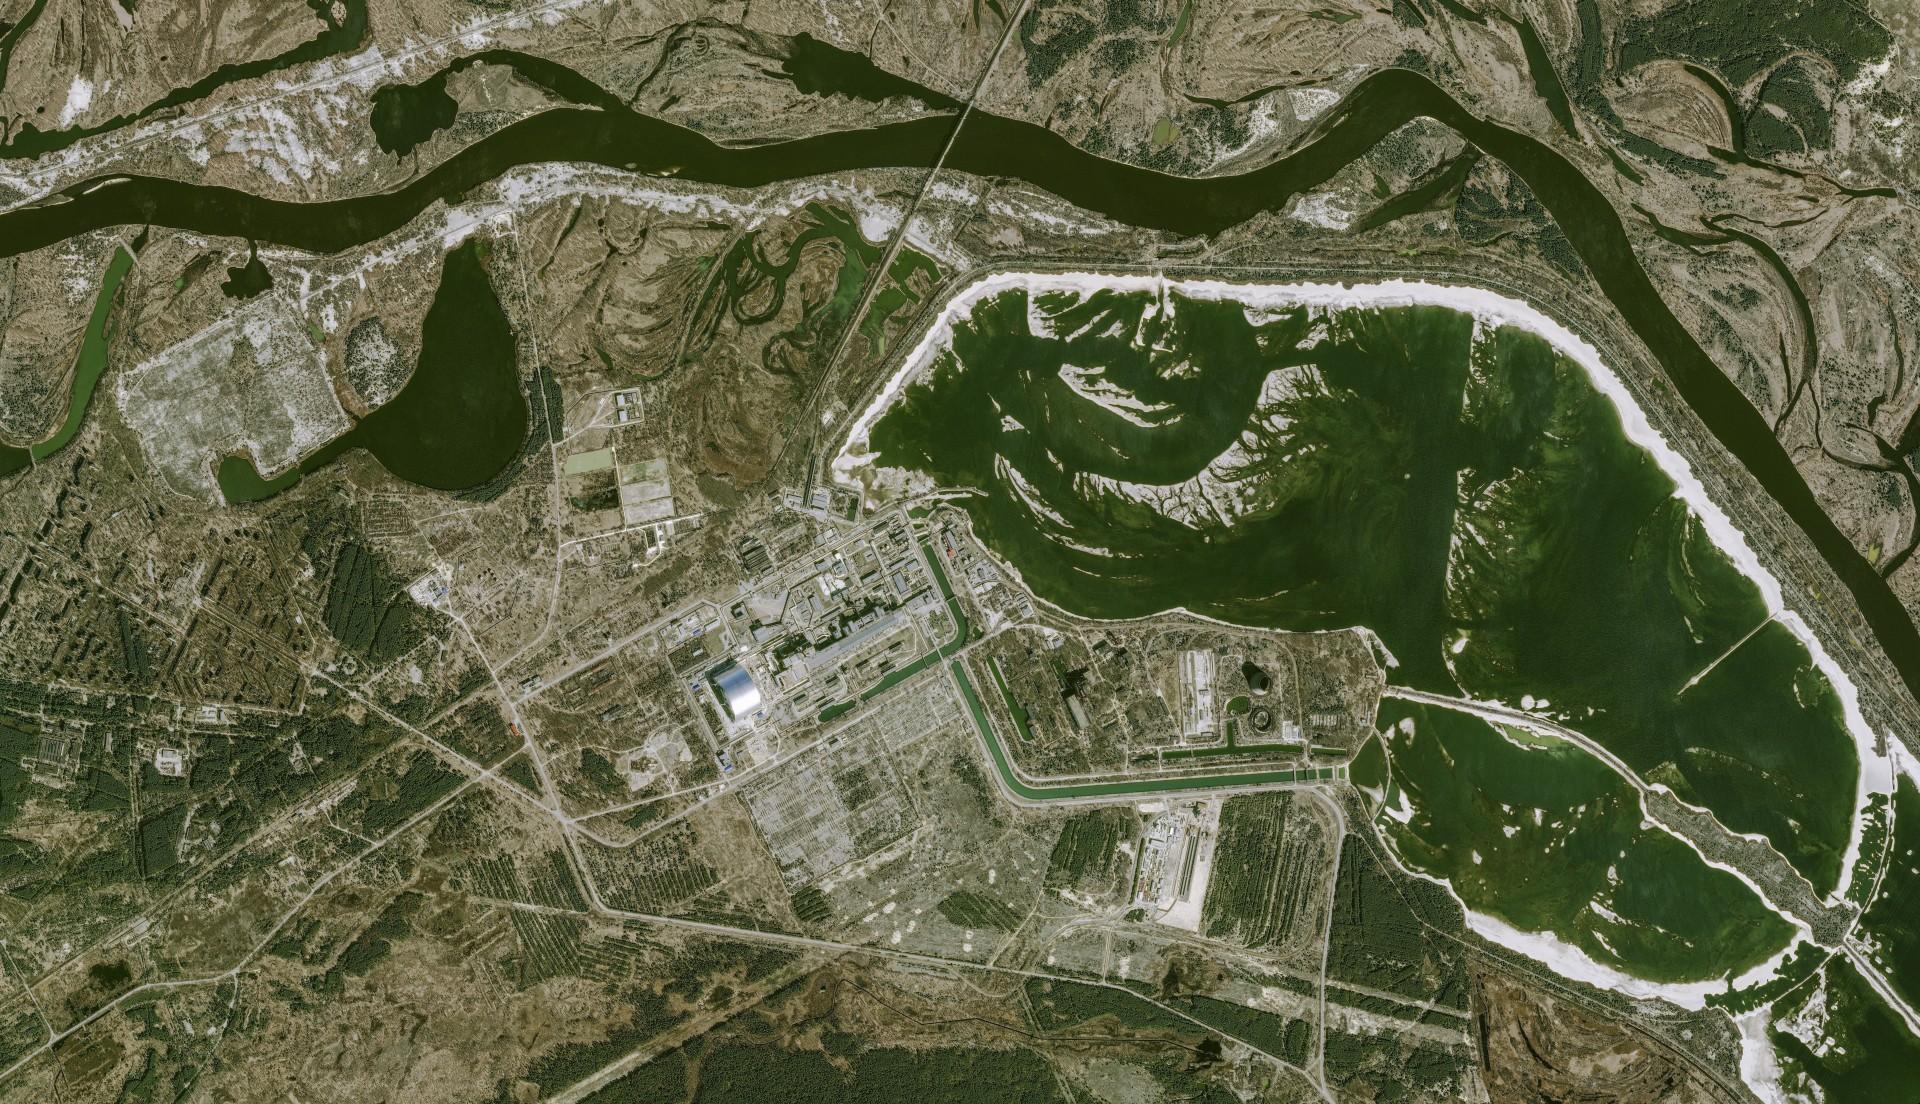 Tchernobyl - Chernobyl - 30 ans - 26 avril 1986 - 26 avril 2016 - satellite Pleiades - Chantier de l'arche de confinement - sarcophage - 27-03-2016 - CNES - Airbus DS - Ukraine